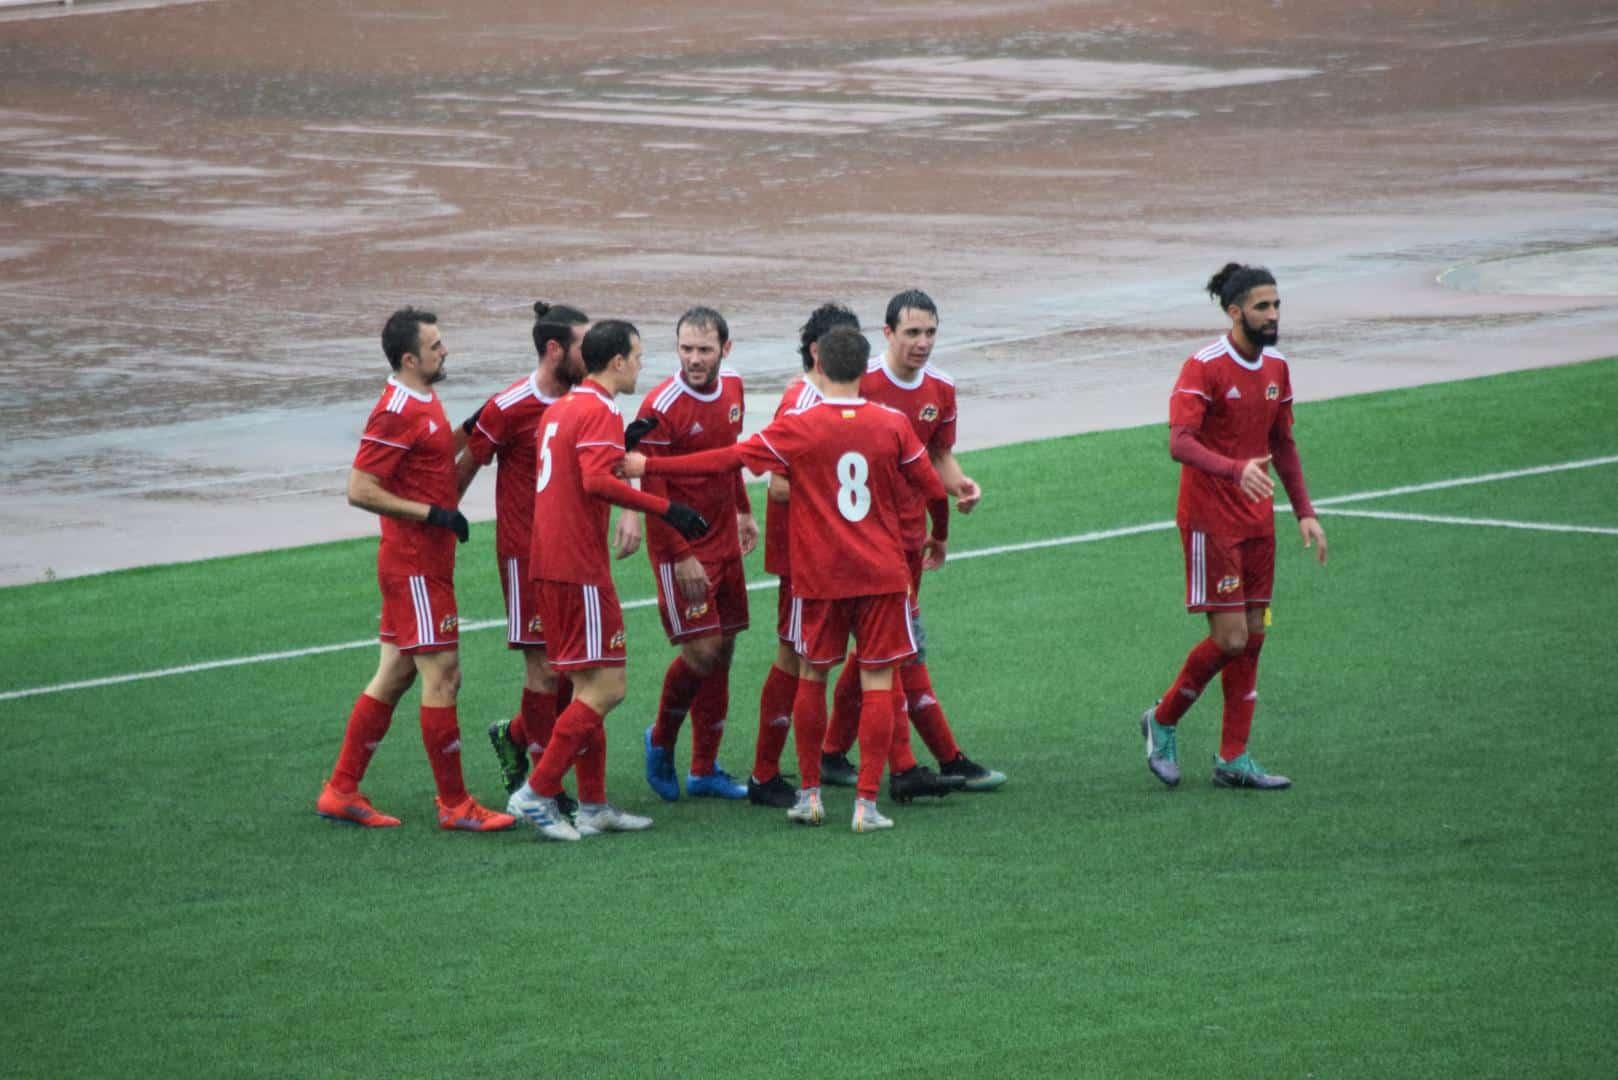 Rubén Pérez pone a La Rioja en la siguiente fase de la Copa de las Regiones UEFA 2